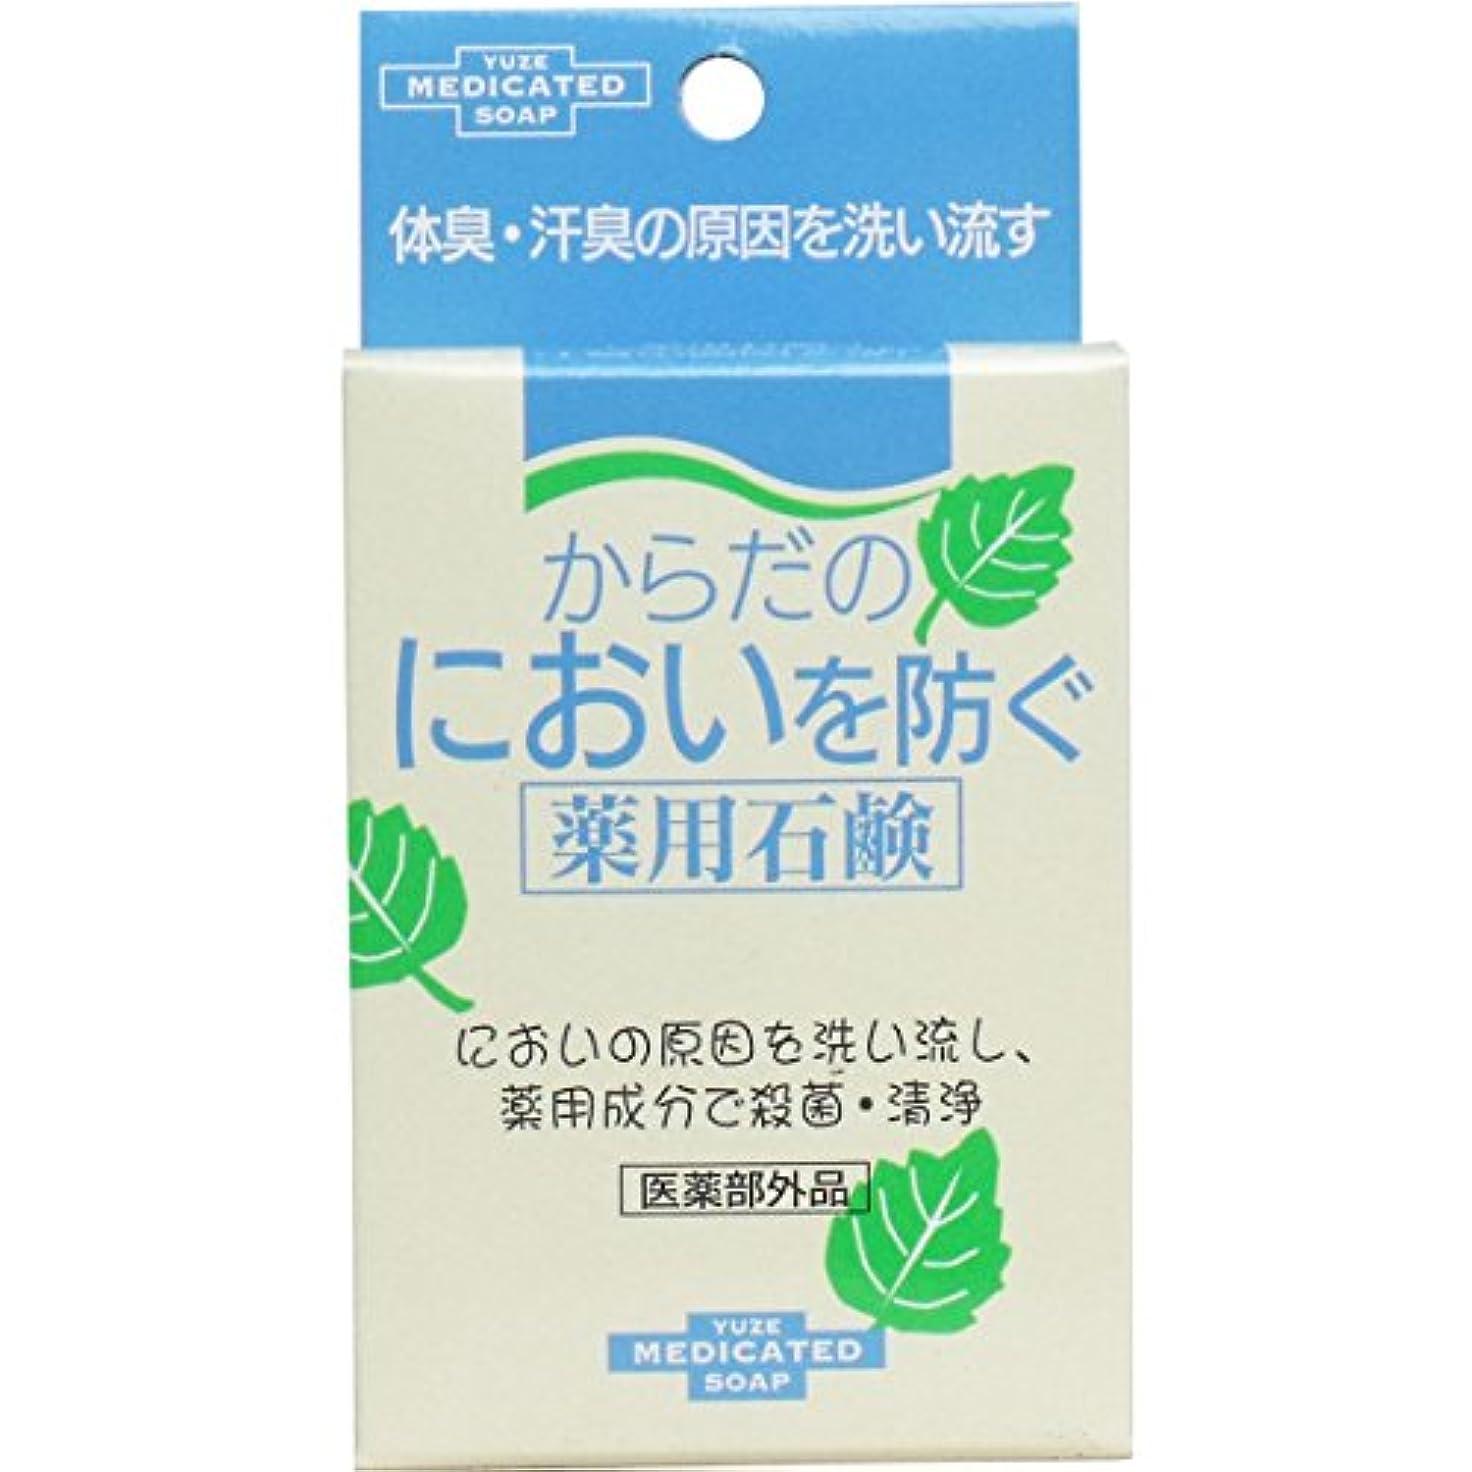 居心地の良いうま固有のからだのにおいを防ぐ薬用石鹸 110g